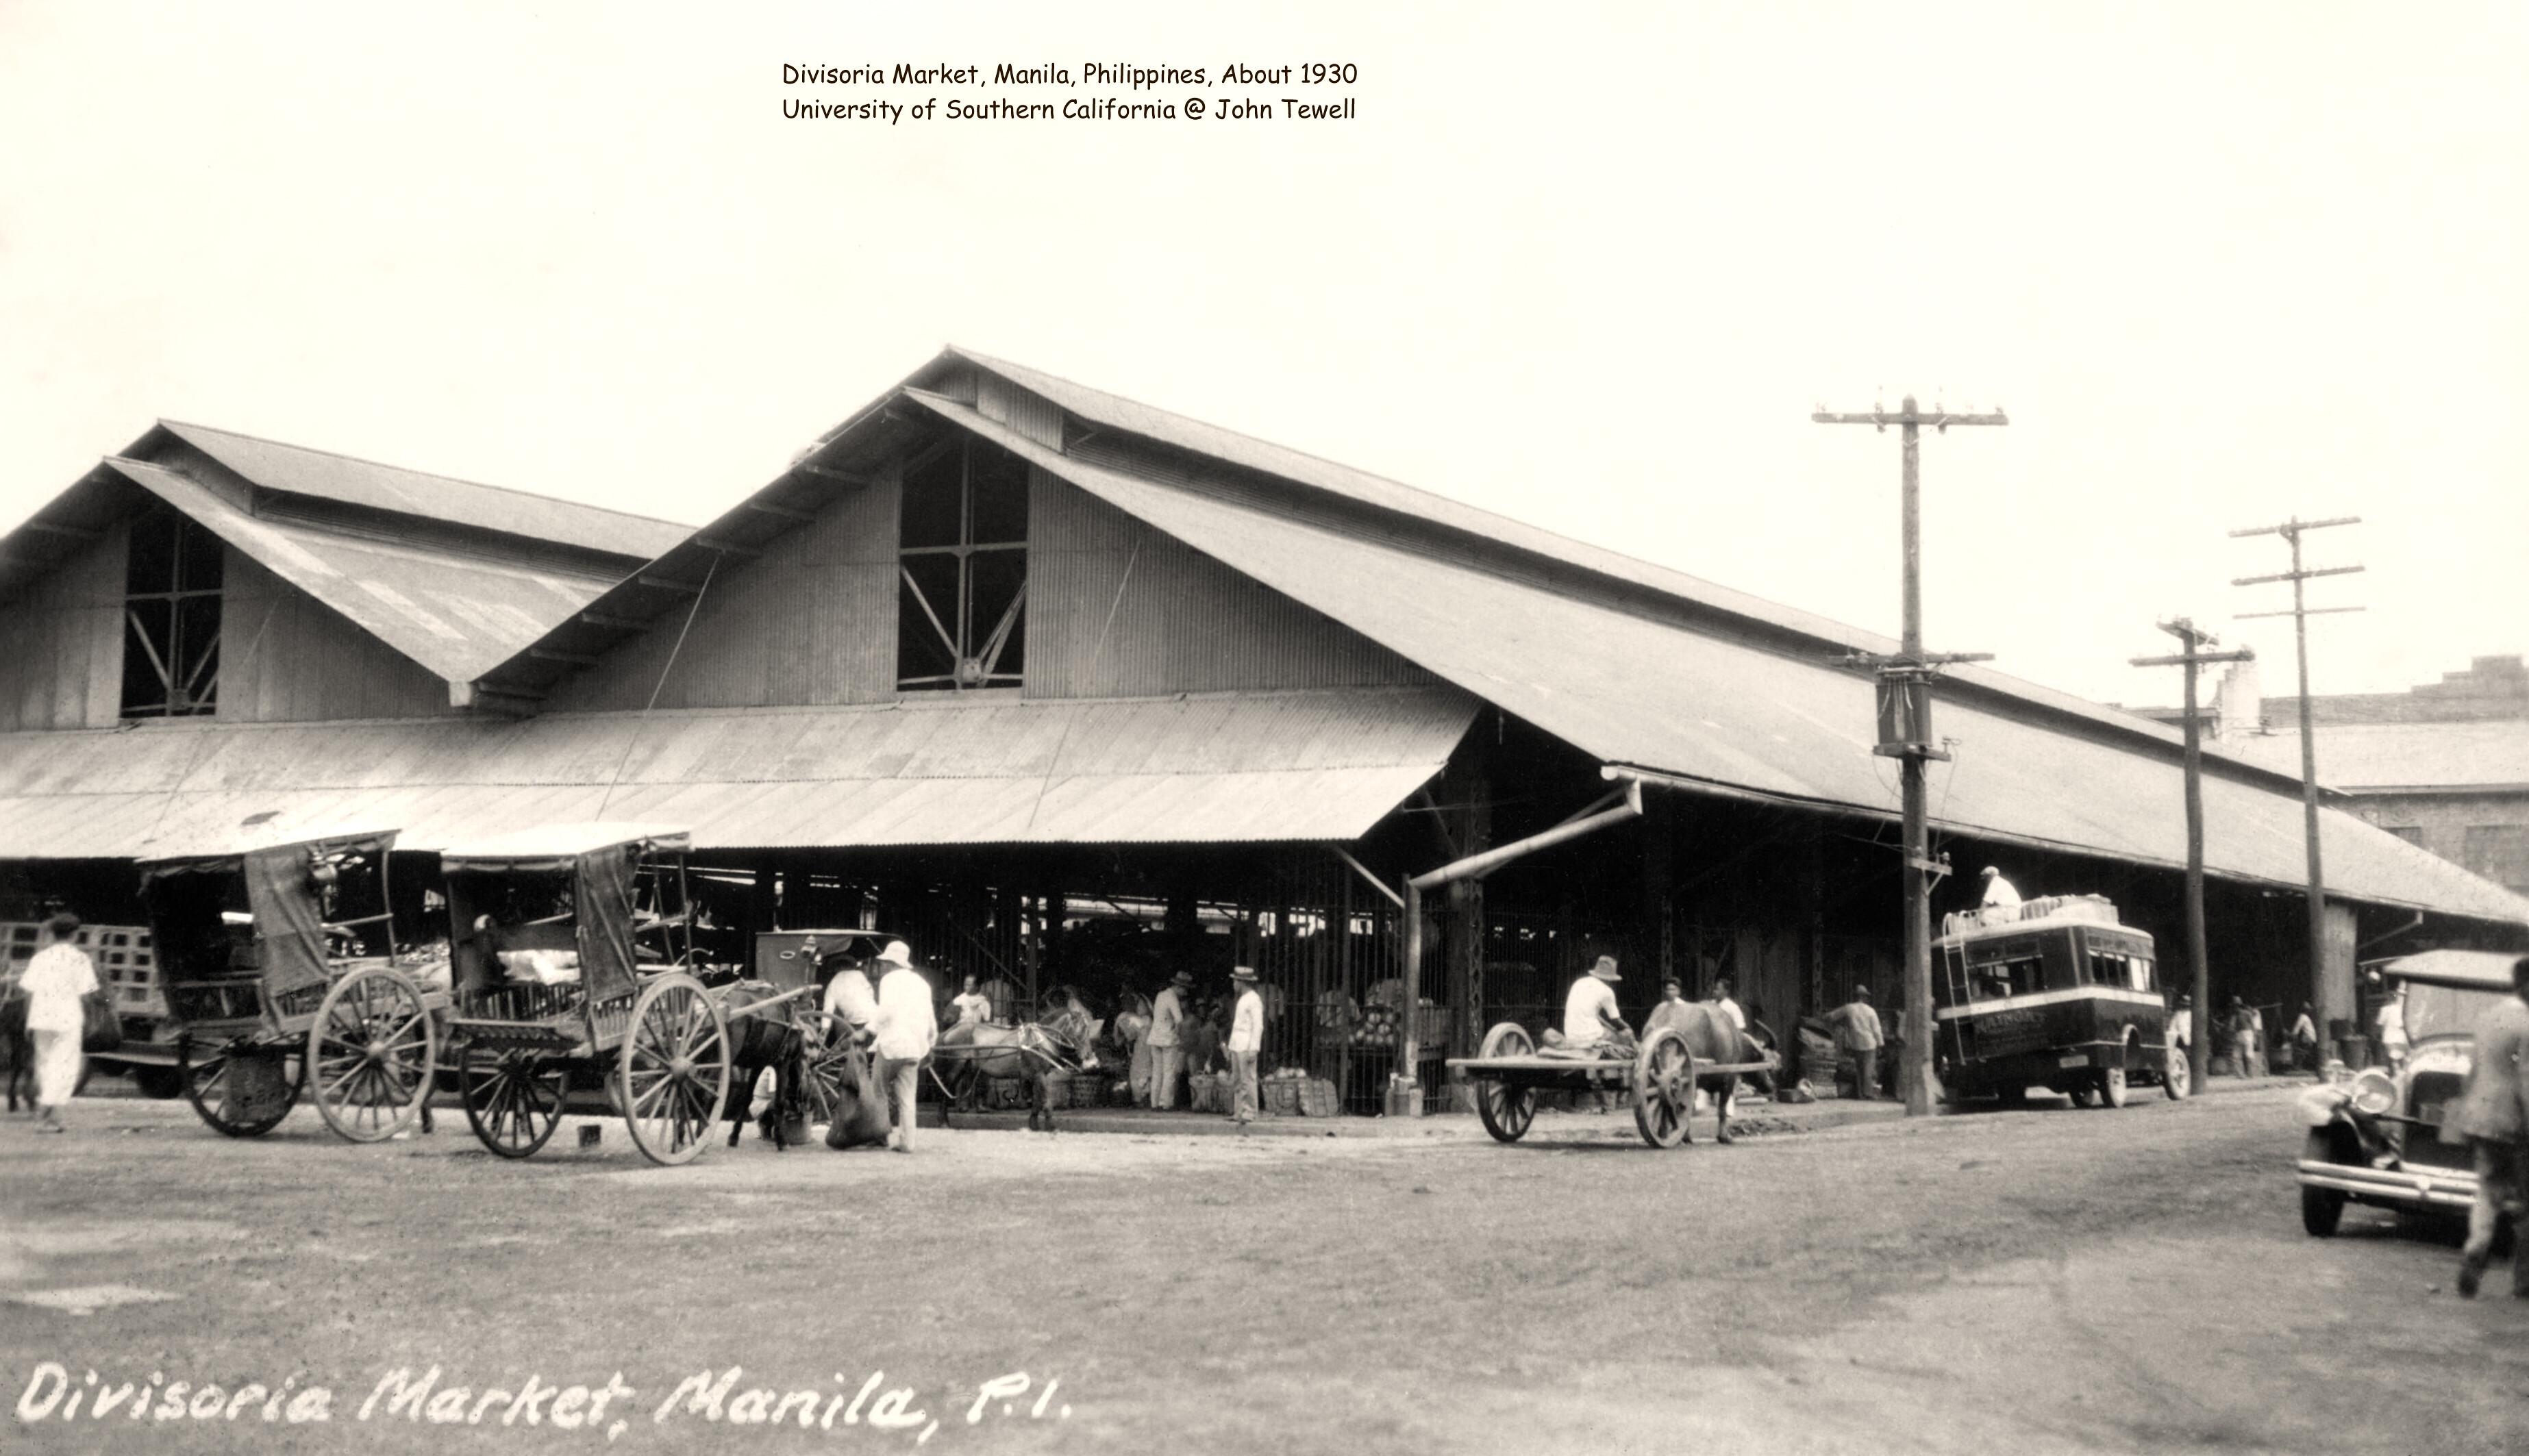 Divisoria Market, Manila, Philippines, About 1930